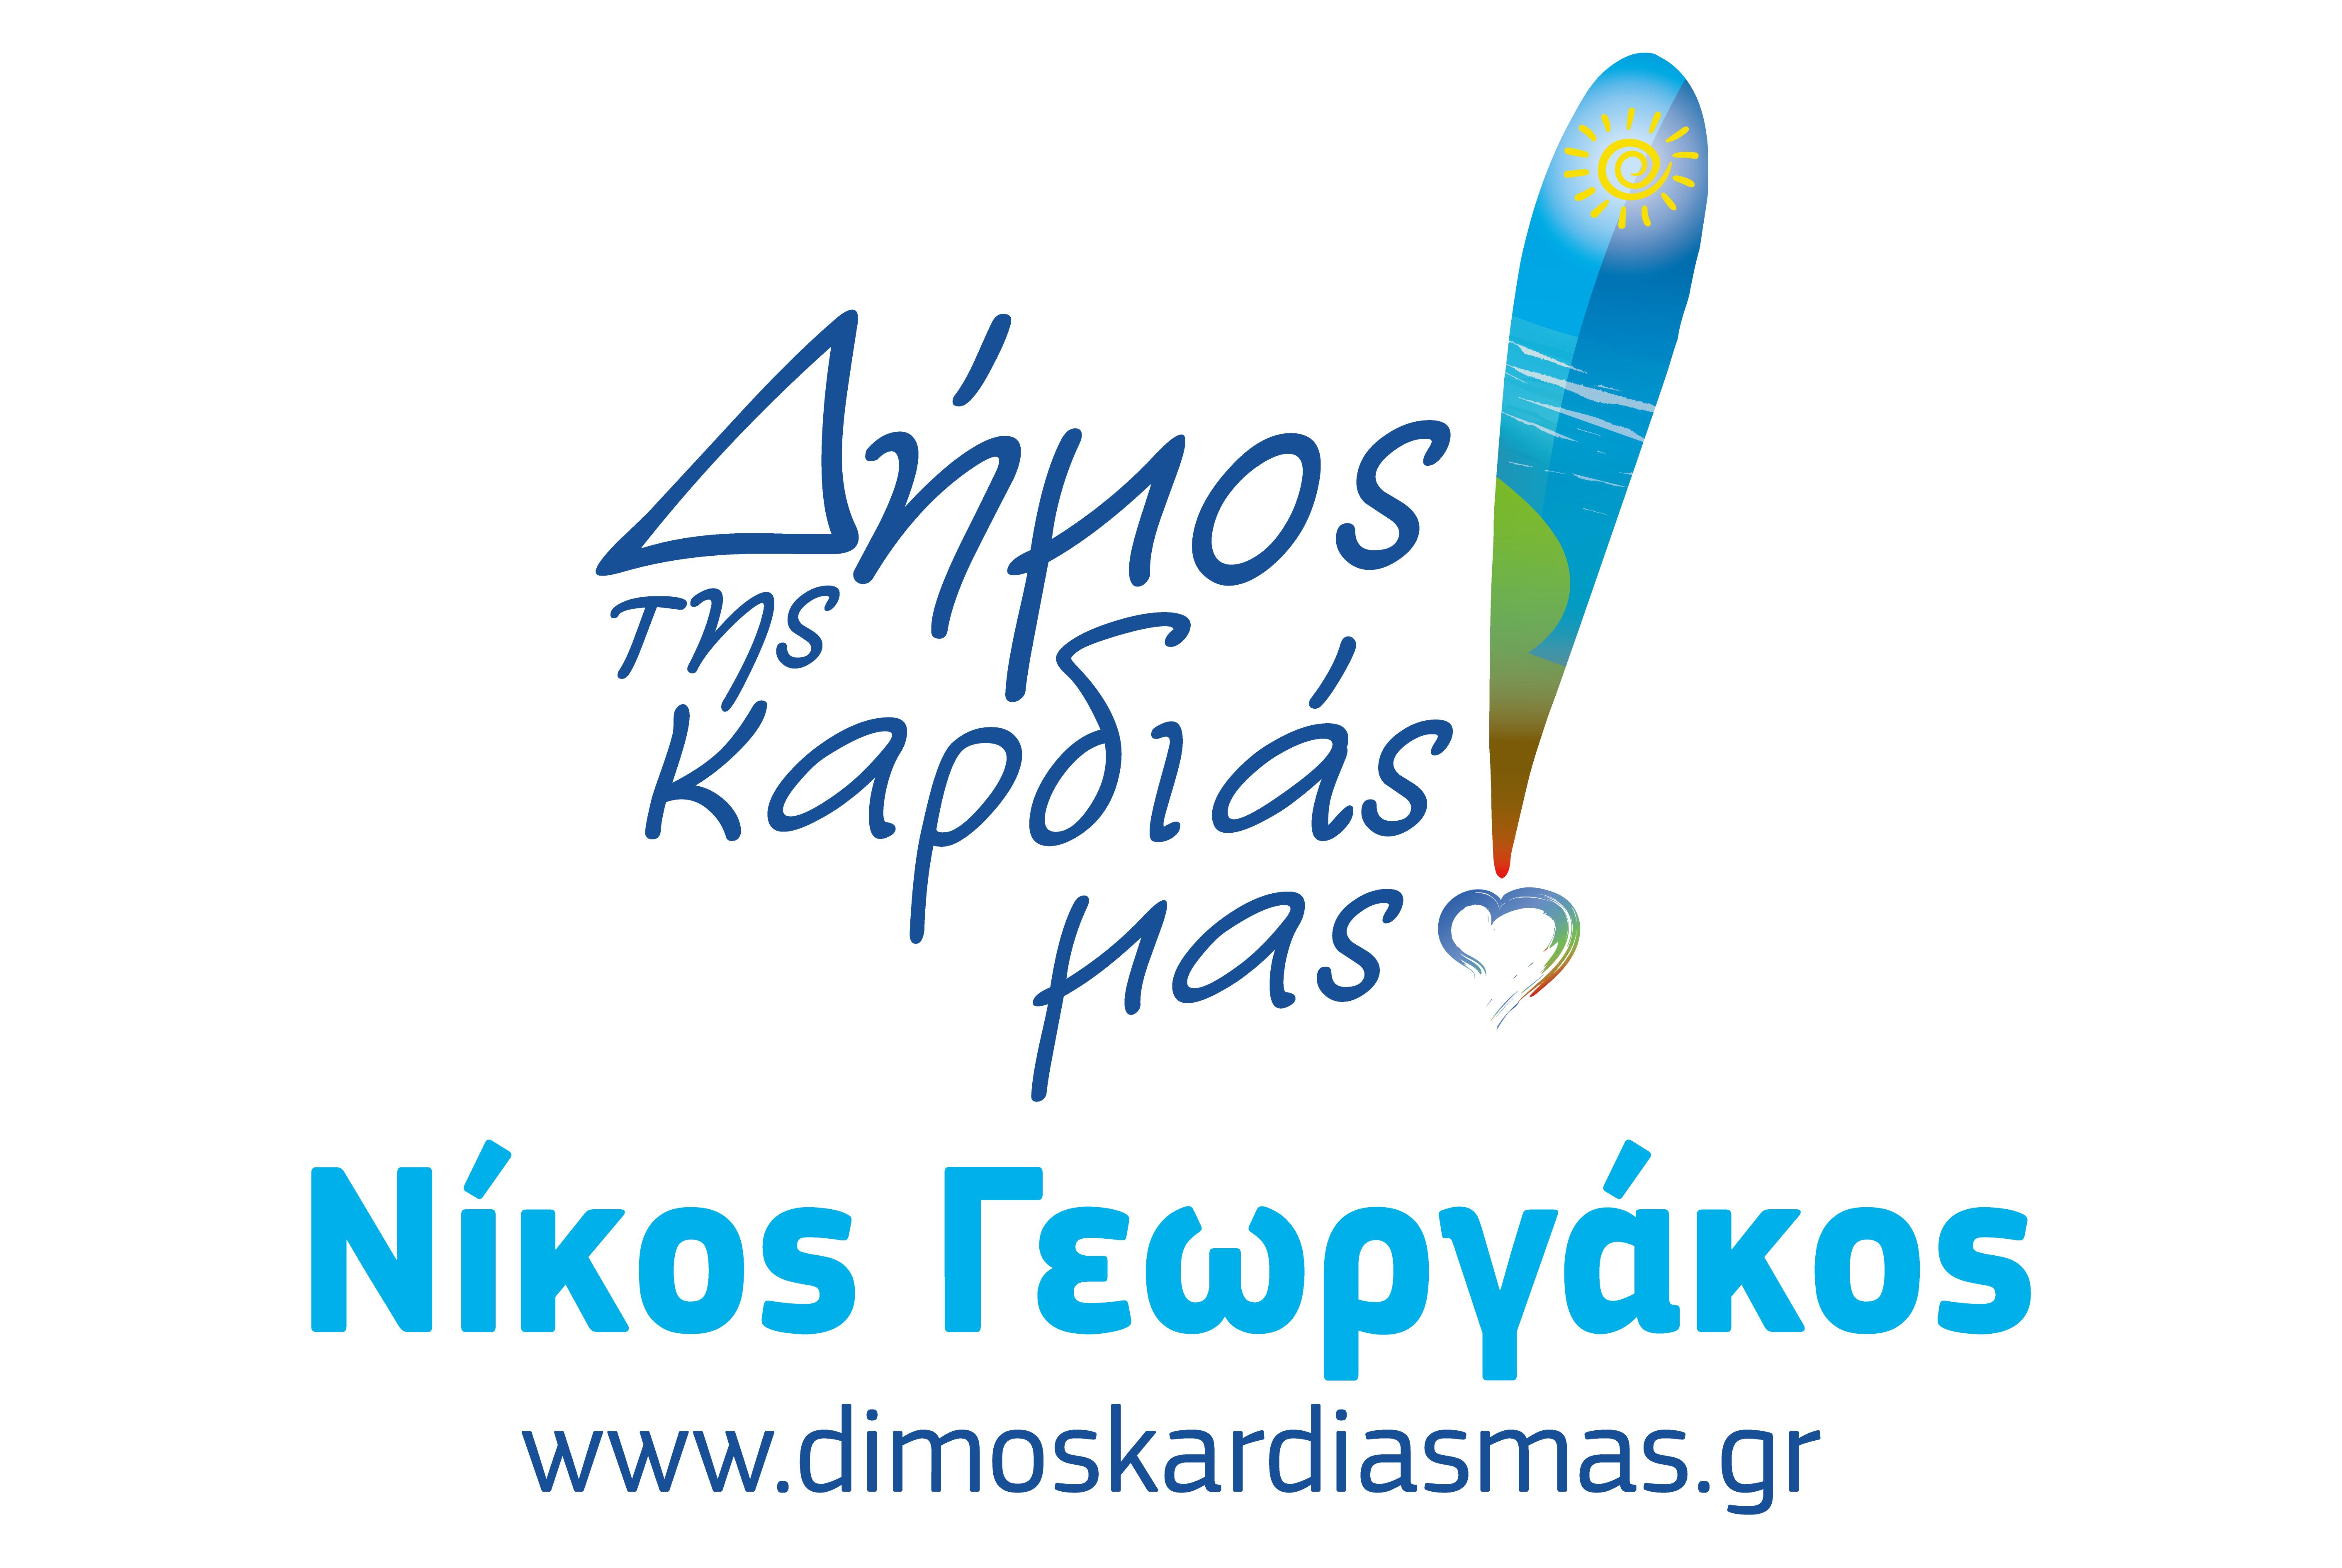 ΔΕΛΤΙΟ ΤΥΠΟΥ :  Έκανε πράξη τη δέσμευση του ο Υποψήφιος Δήμαρχος Νίκος Γεωργάκος του συνδυασμού «ΔΗΜΟΣ ΤΗΣ ΚΑΡΔΙΑΣ ΜΑΣ!»